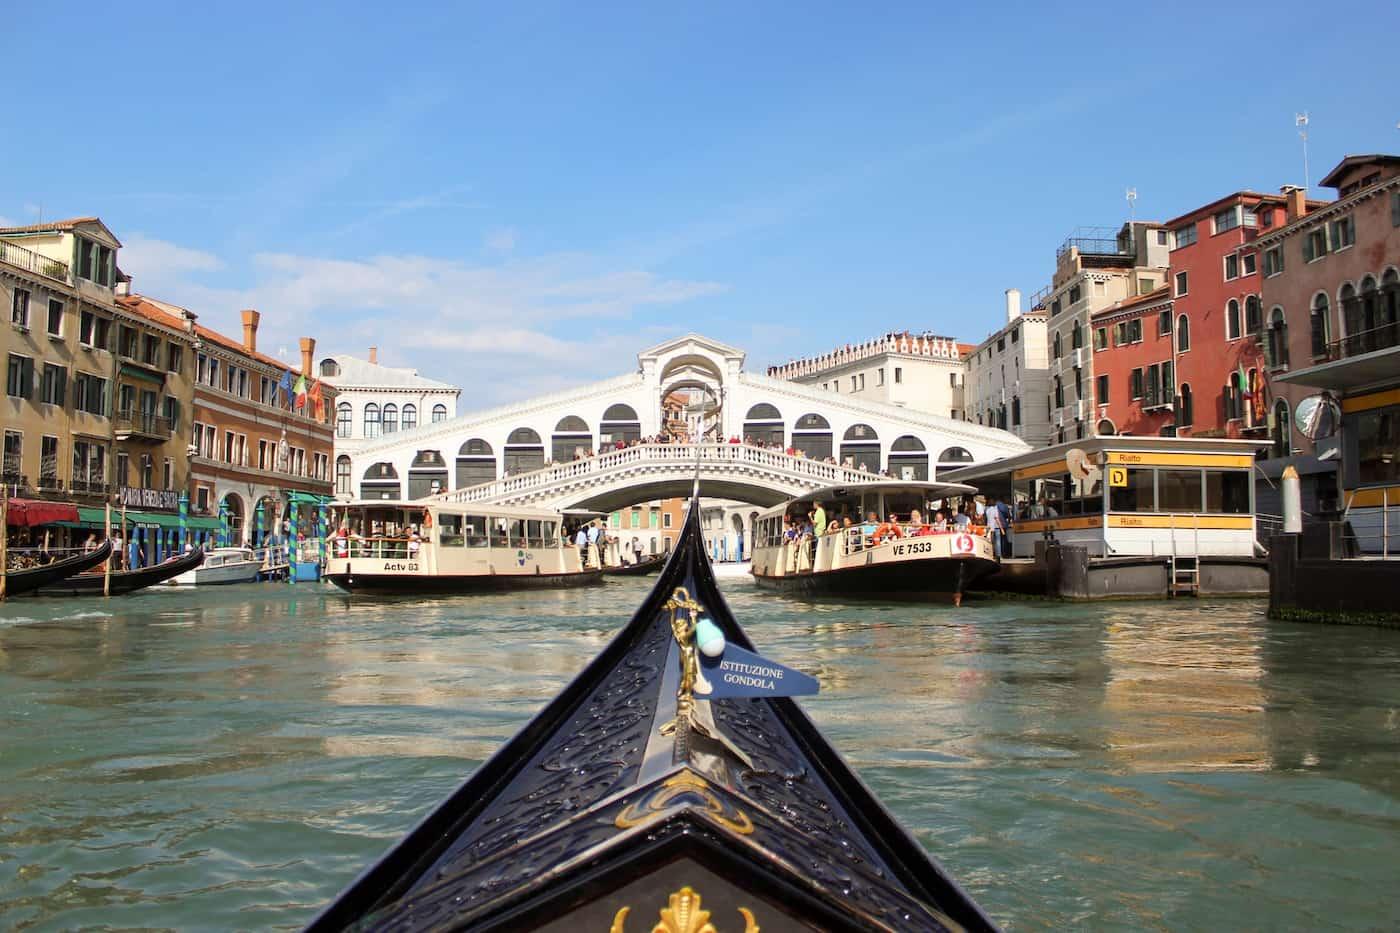 Venecia utilizará cámaras de seguridad y rastreo de celulares para controlar el ingreso de turistas